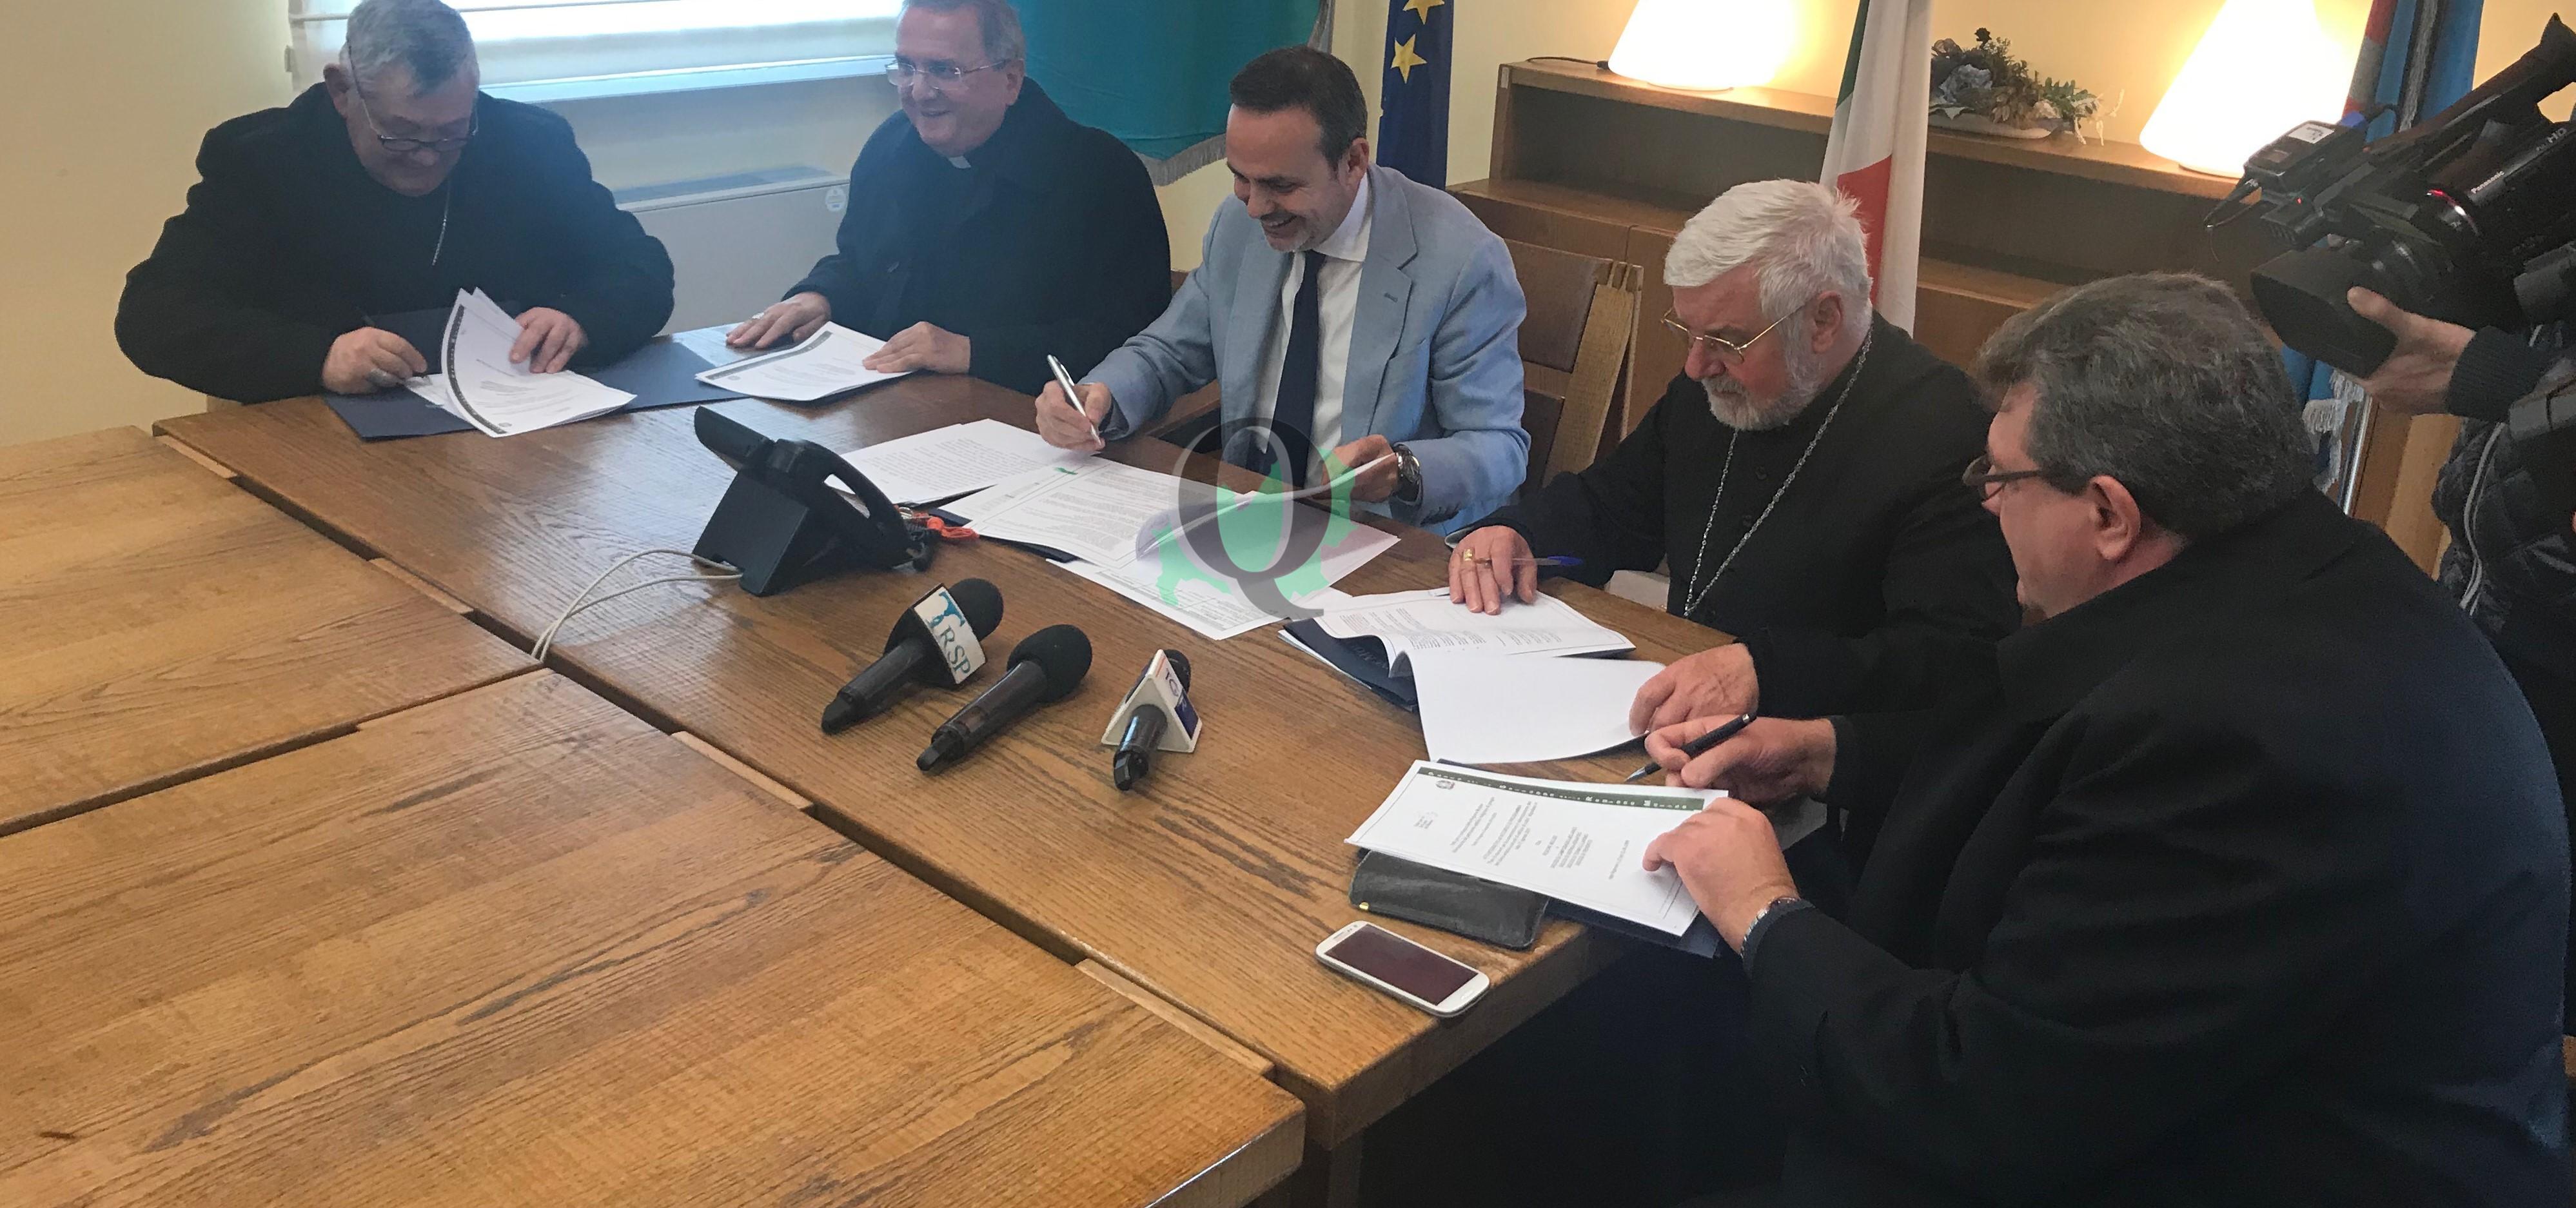 Regione-Diocesi, sottoscritto protocollo per conservazione e valorizzazione edifici di culto